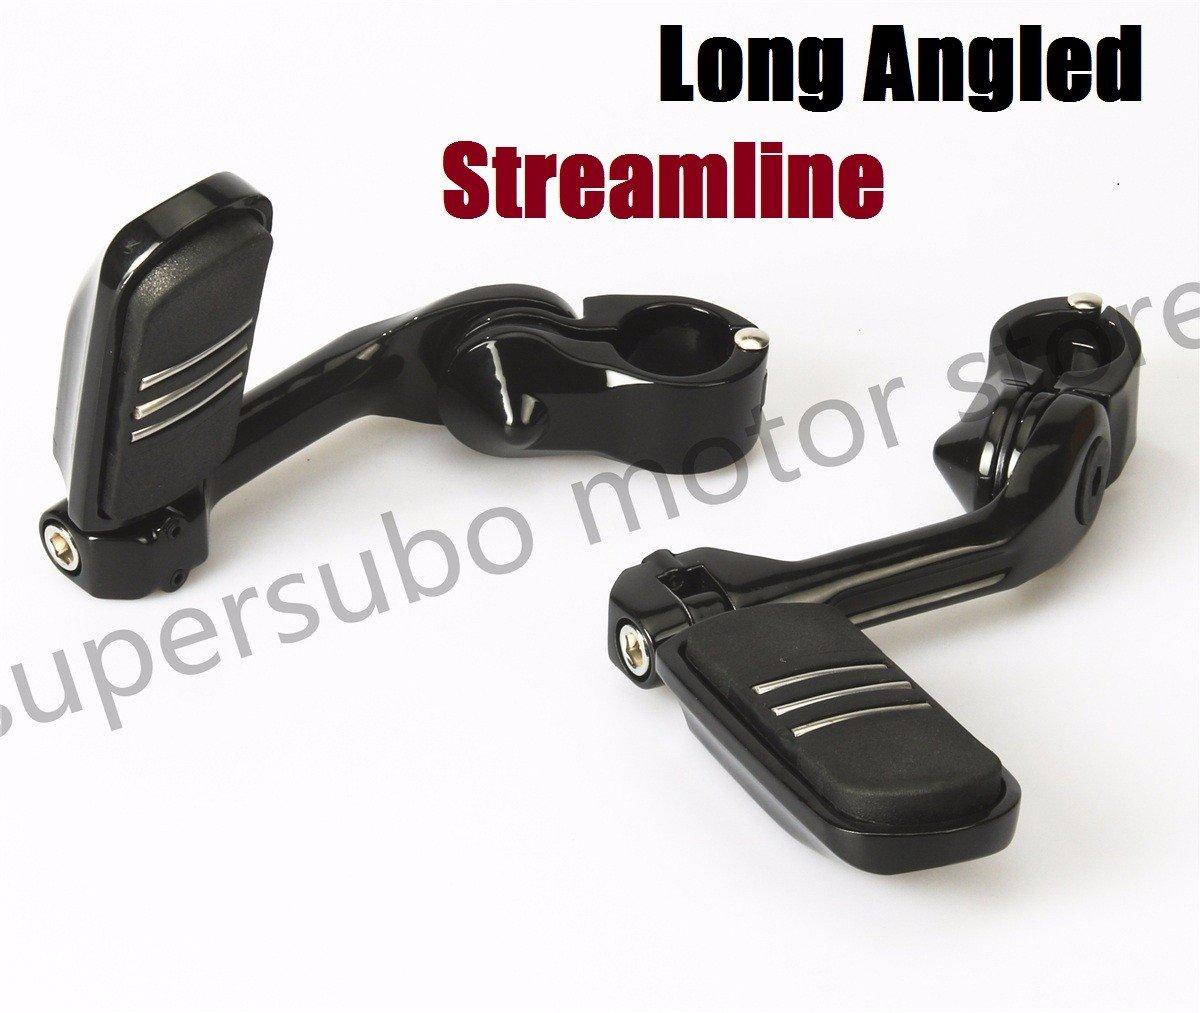 Black Streamline highway footpegs harley foot pegs engine guard footpegs For Harley Honda Suzuki Black 1.25'' Long Angled